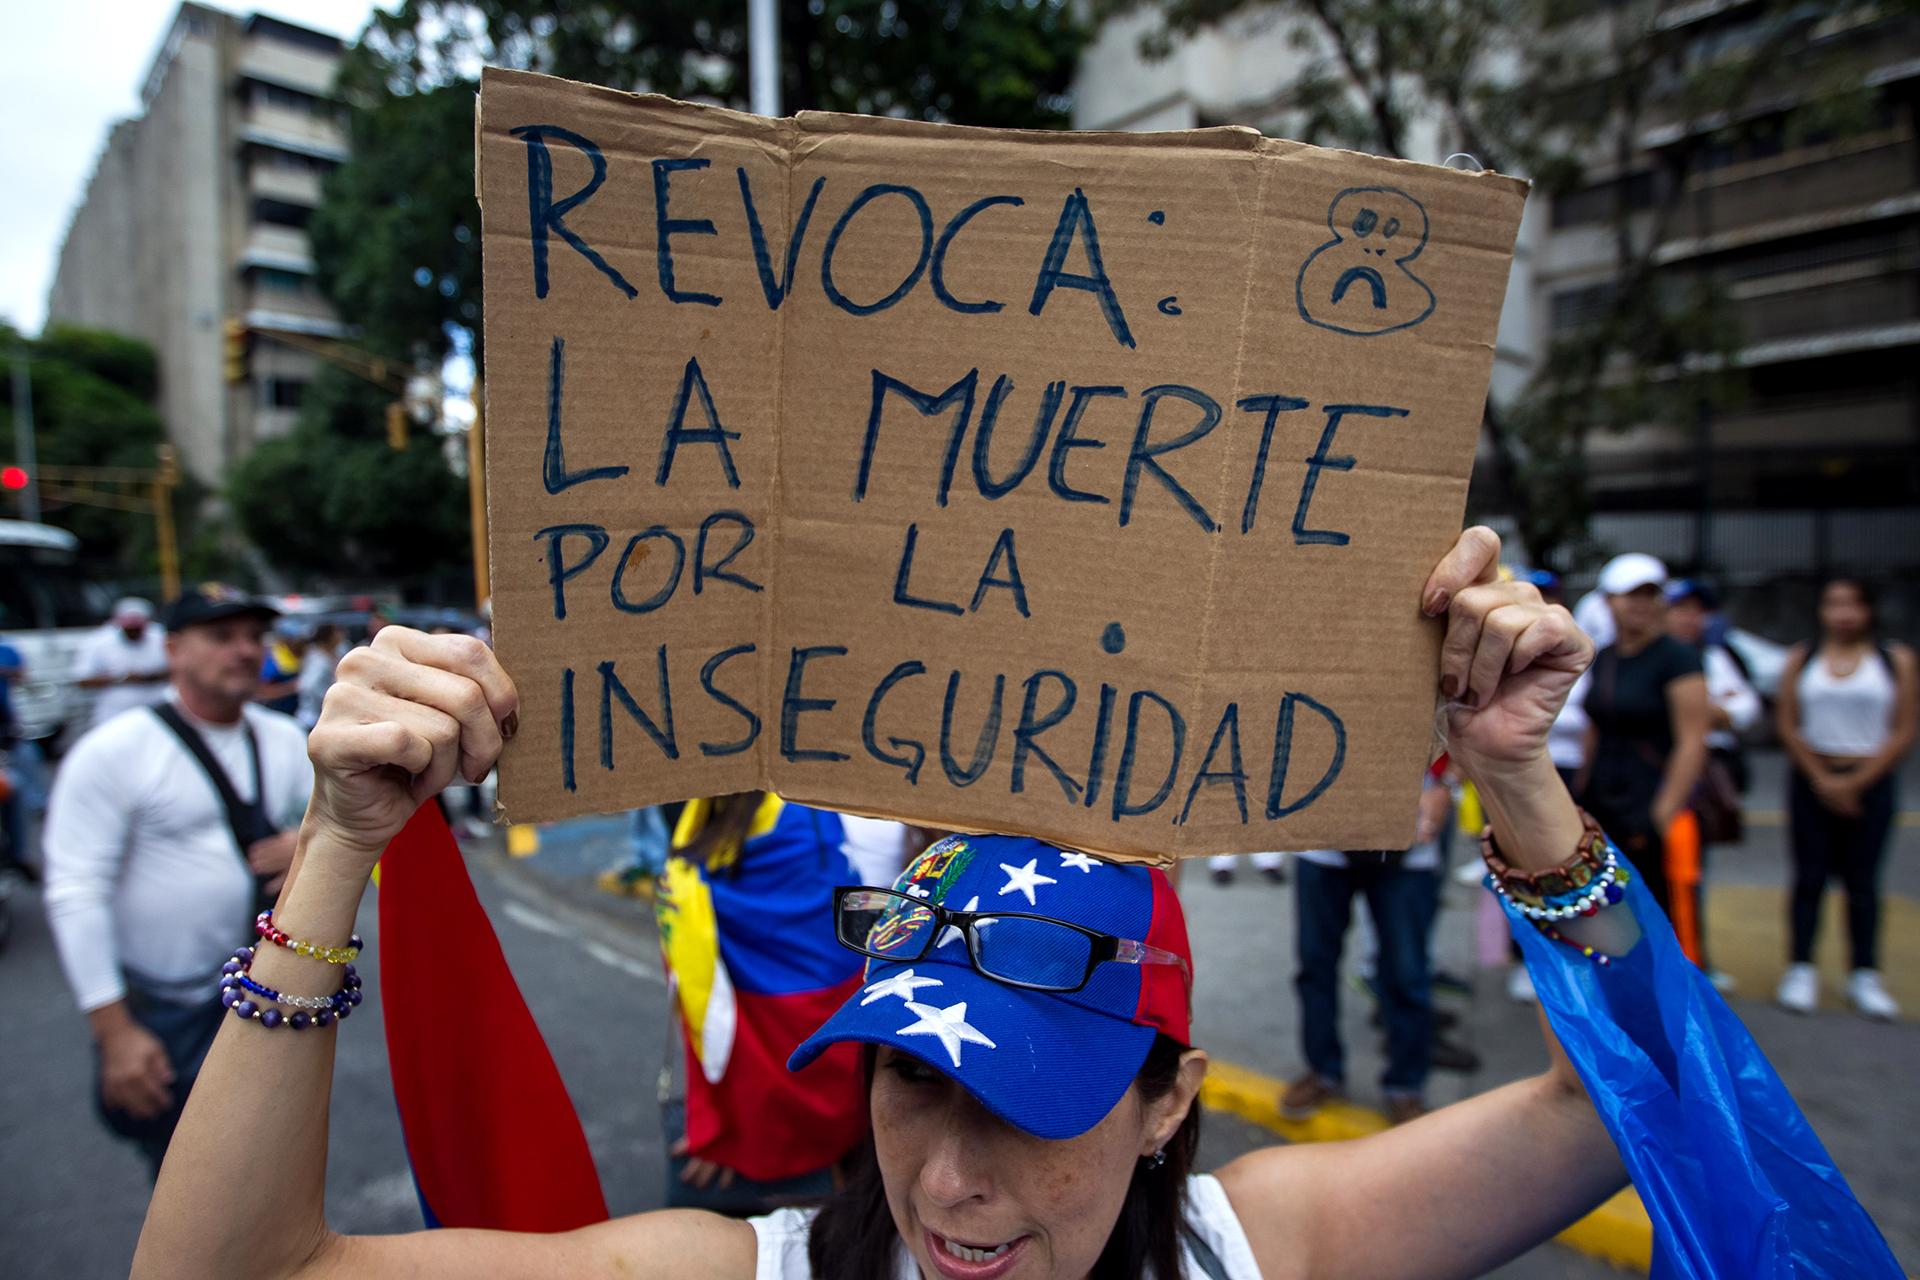 Durante julio, a la sede principal de la Medicatura Forense de Caracas llegaron 535 cadáveres por muertes violentas (17 por día), según datos facilitados por fuentes anónimas del instituto a periodistas venezolanos (EFE)